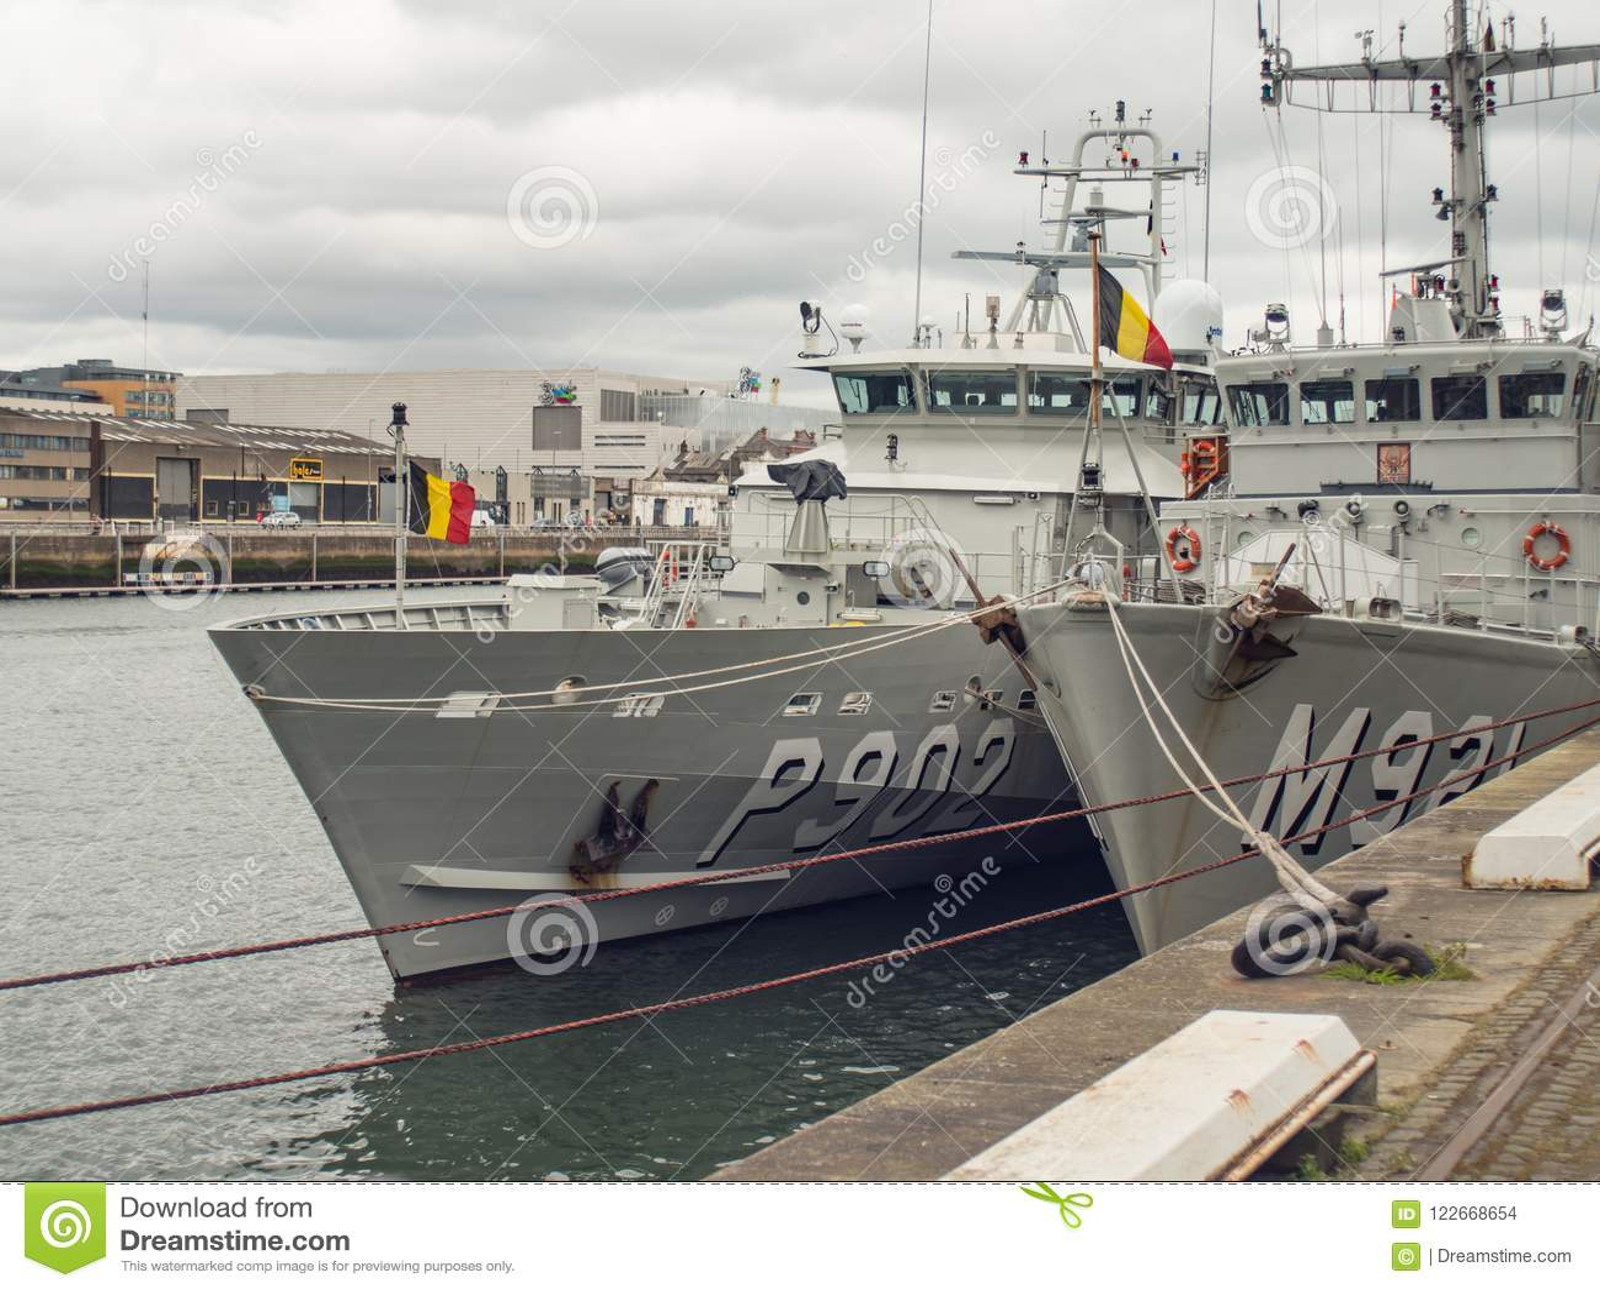 Βελγικά στρατιωτικά σκάφη ναυτικού που προσορμίζονται στον ποταμό Liffey, Δουβλίνο, Ιρλανδία